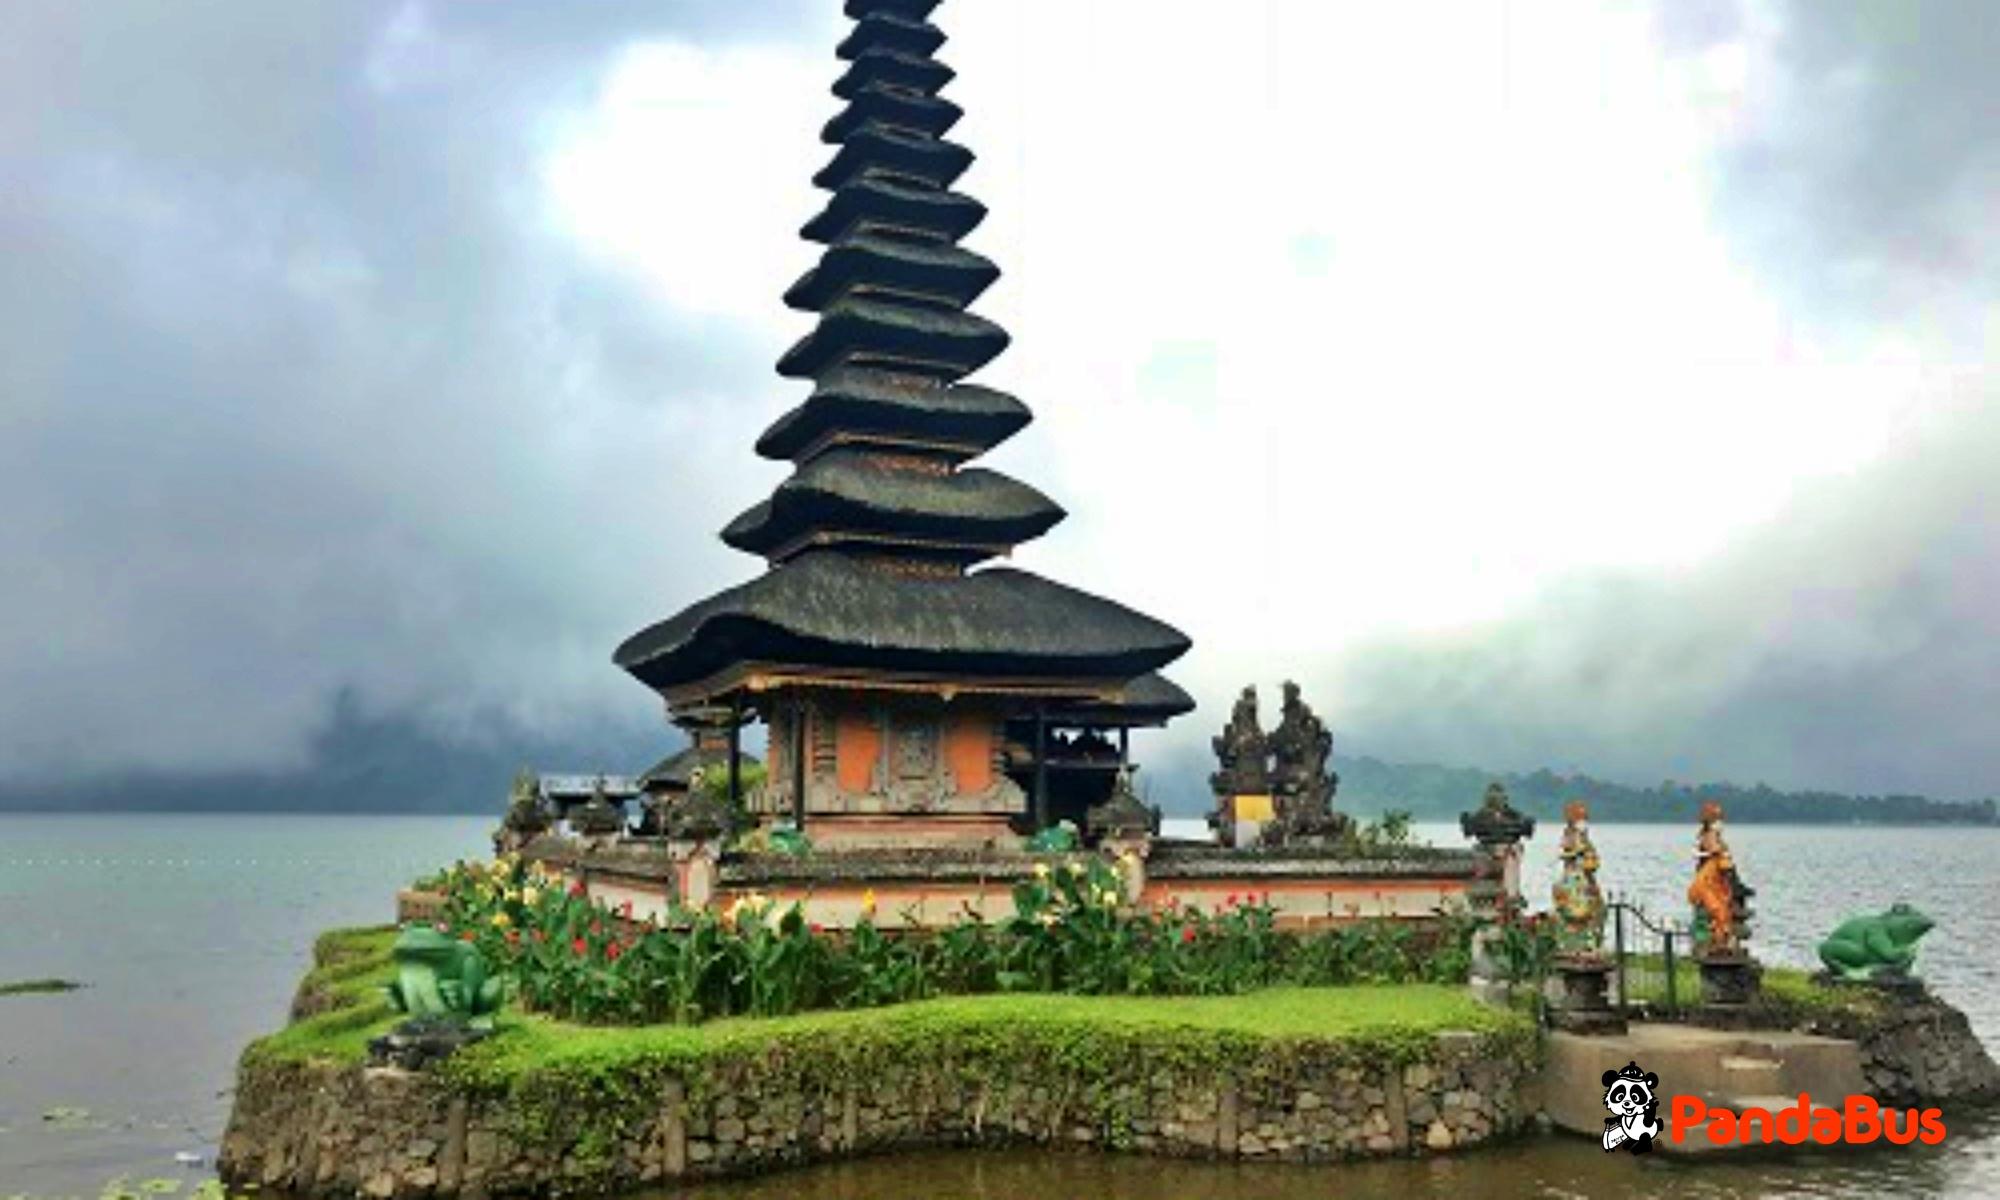 湖に浮かぶ神秘のお寺『ウルンダヌブラタン寺院』見学(約30分)